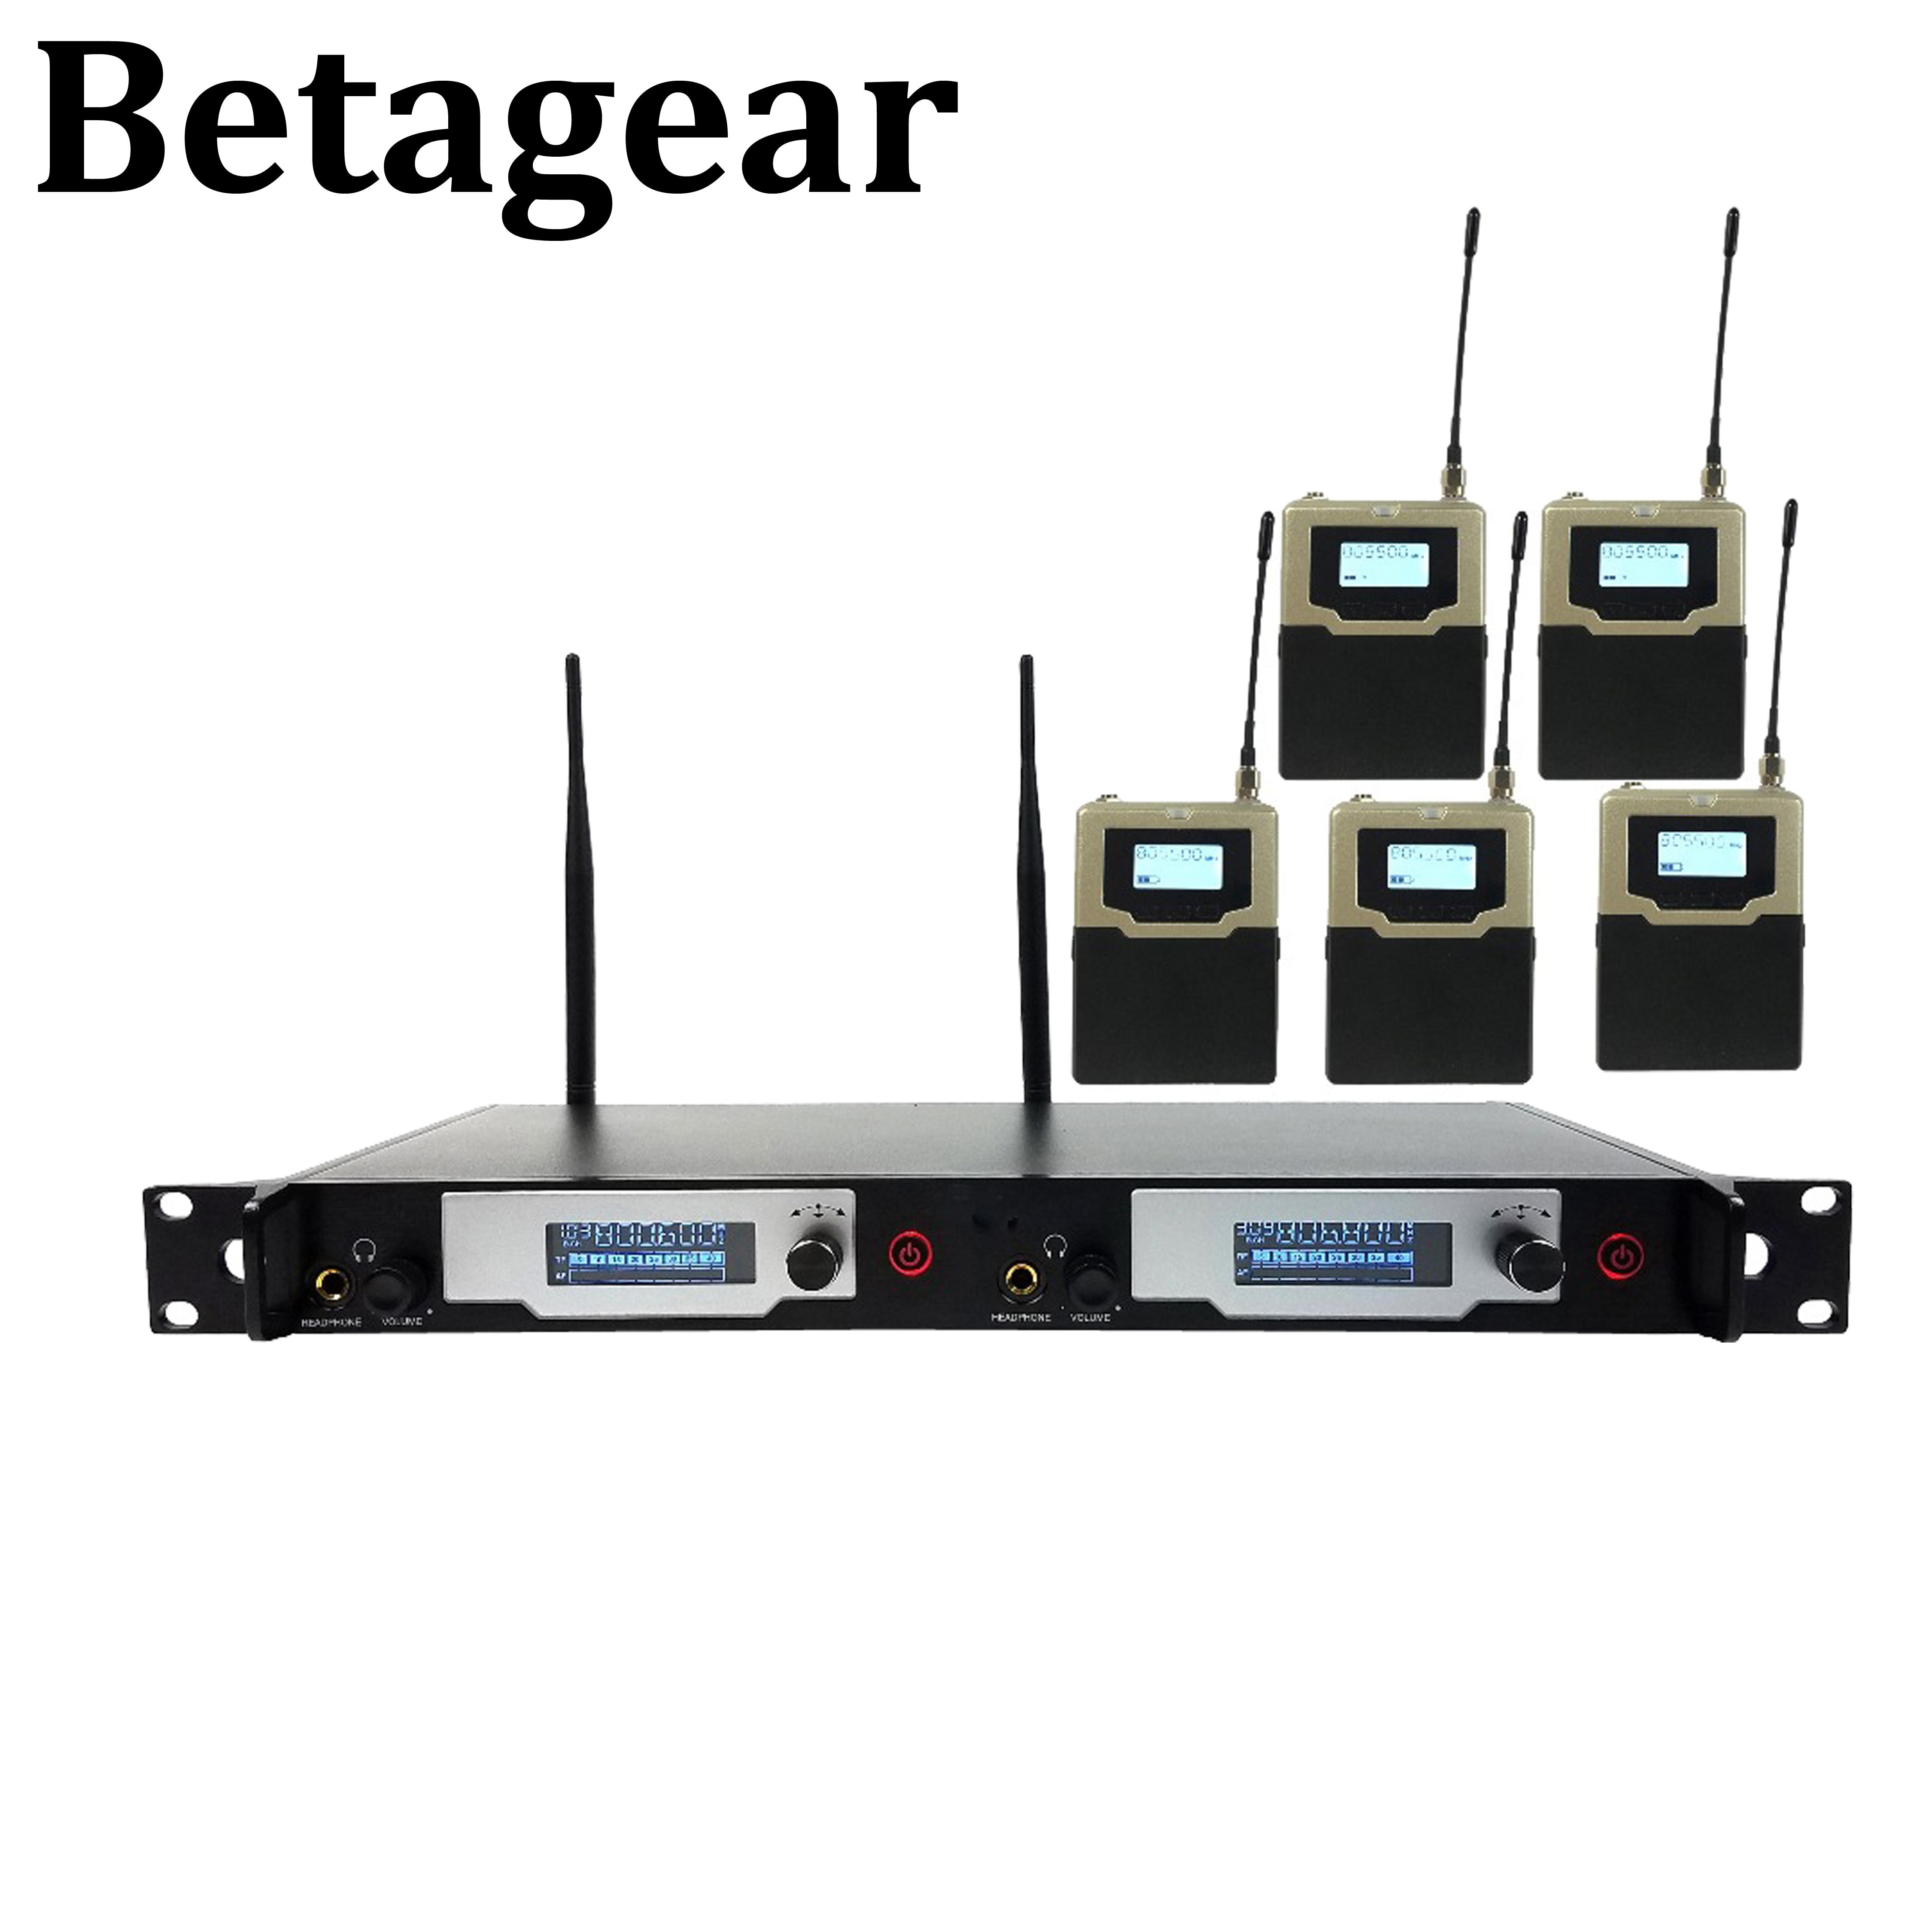 Betagear In ohr-monitor drahtlose system L9400 UHF IEM Bühne überwachung porfessioanl audio 5 empfänger für bühne leistung